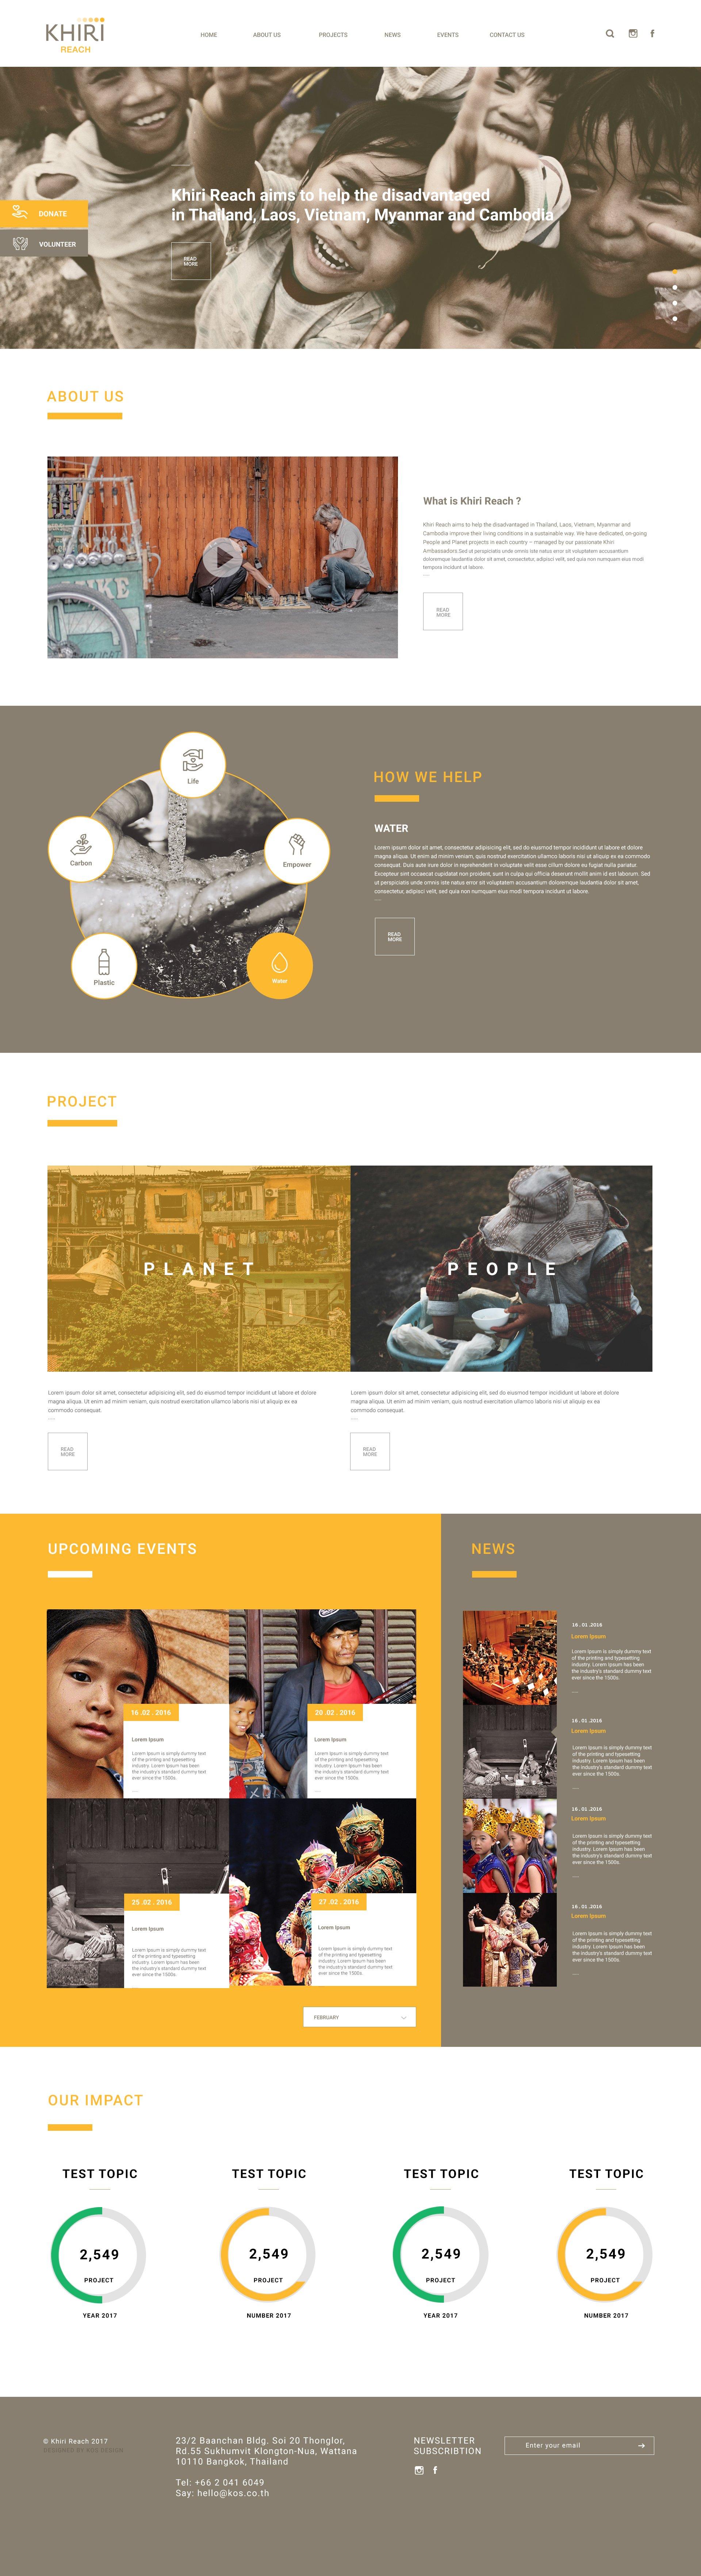 KOS Design - Khiri Reach